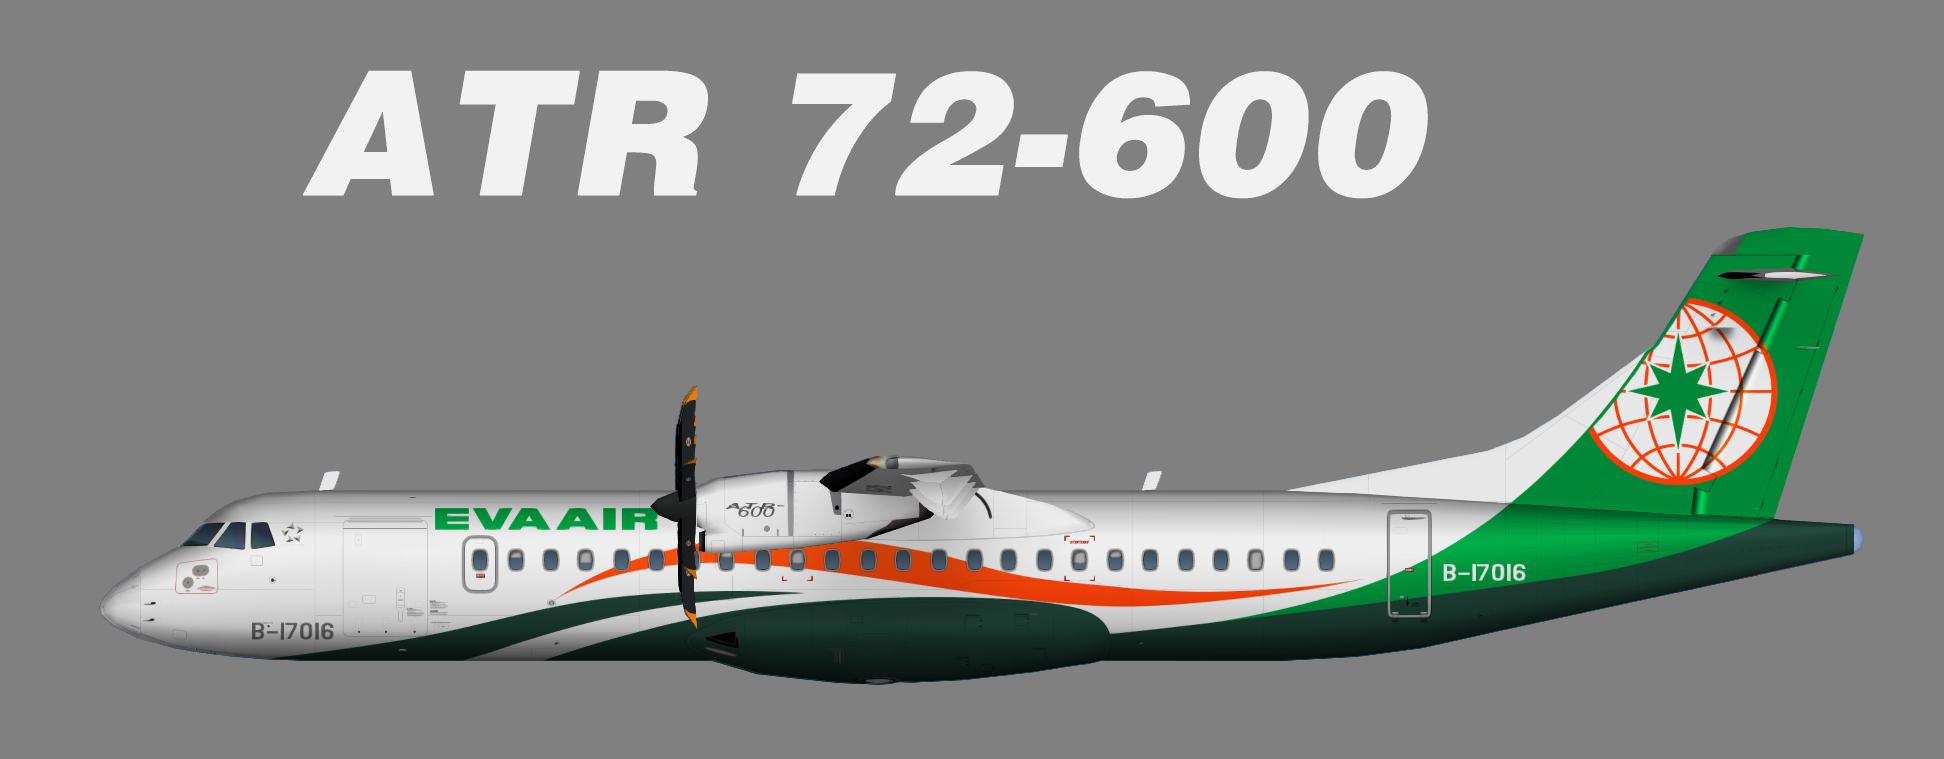 Eva Air ATR72-600 (opf UNI Air)